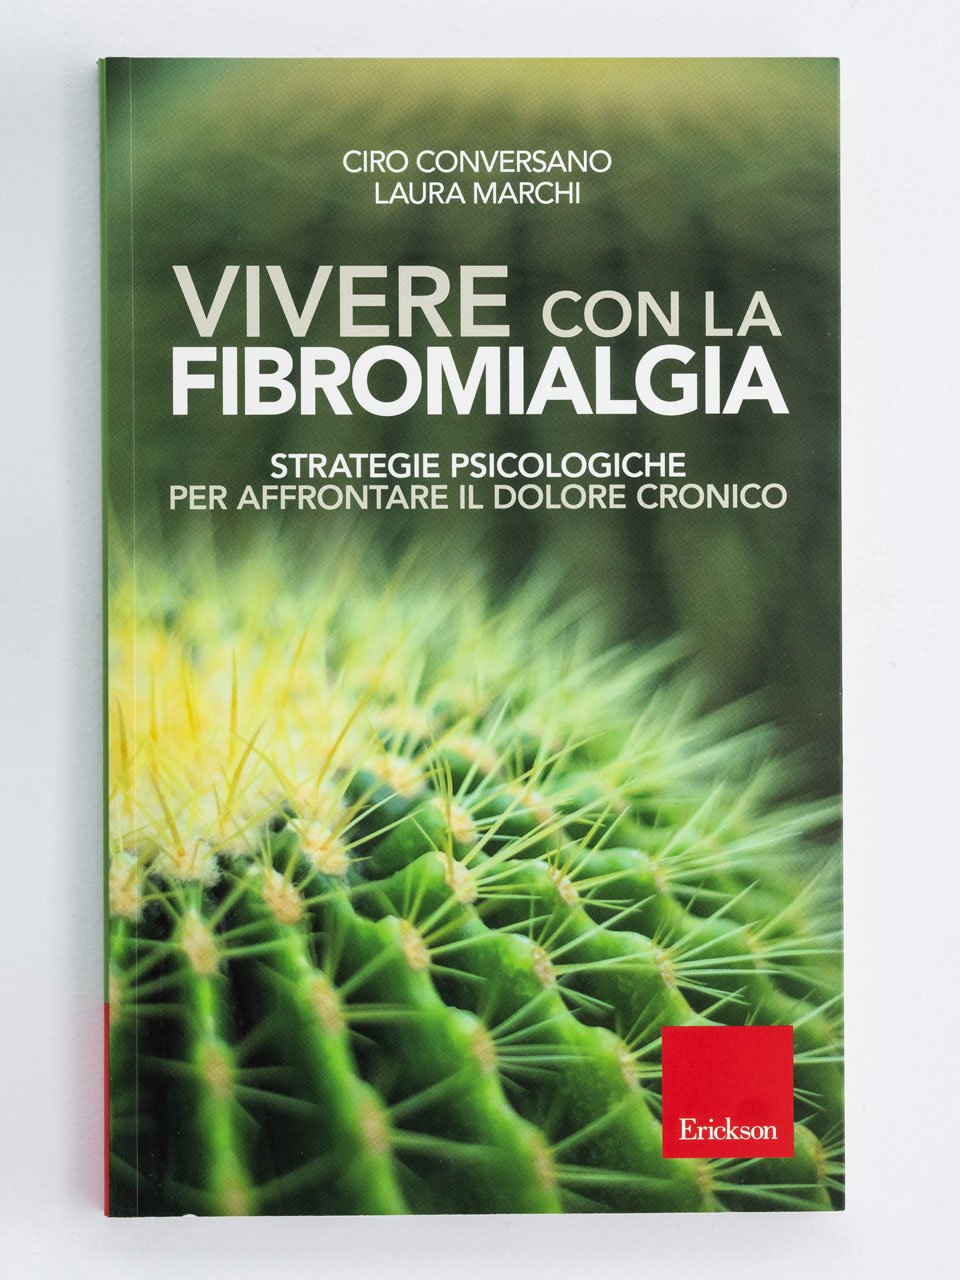 Vivere con la fibromialgia - Self-help: libri sull'auto aiuto - Erickson